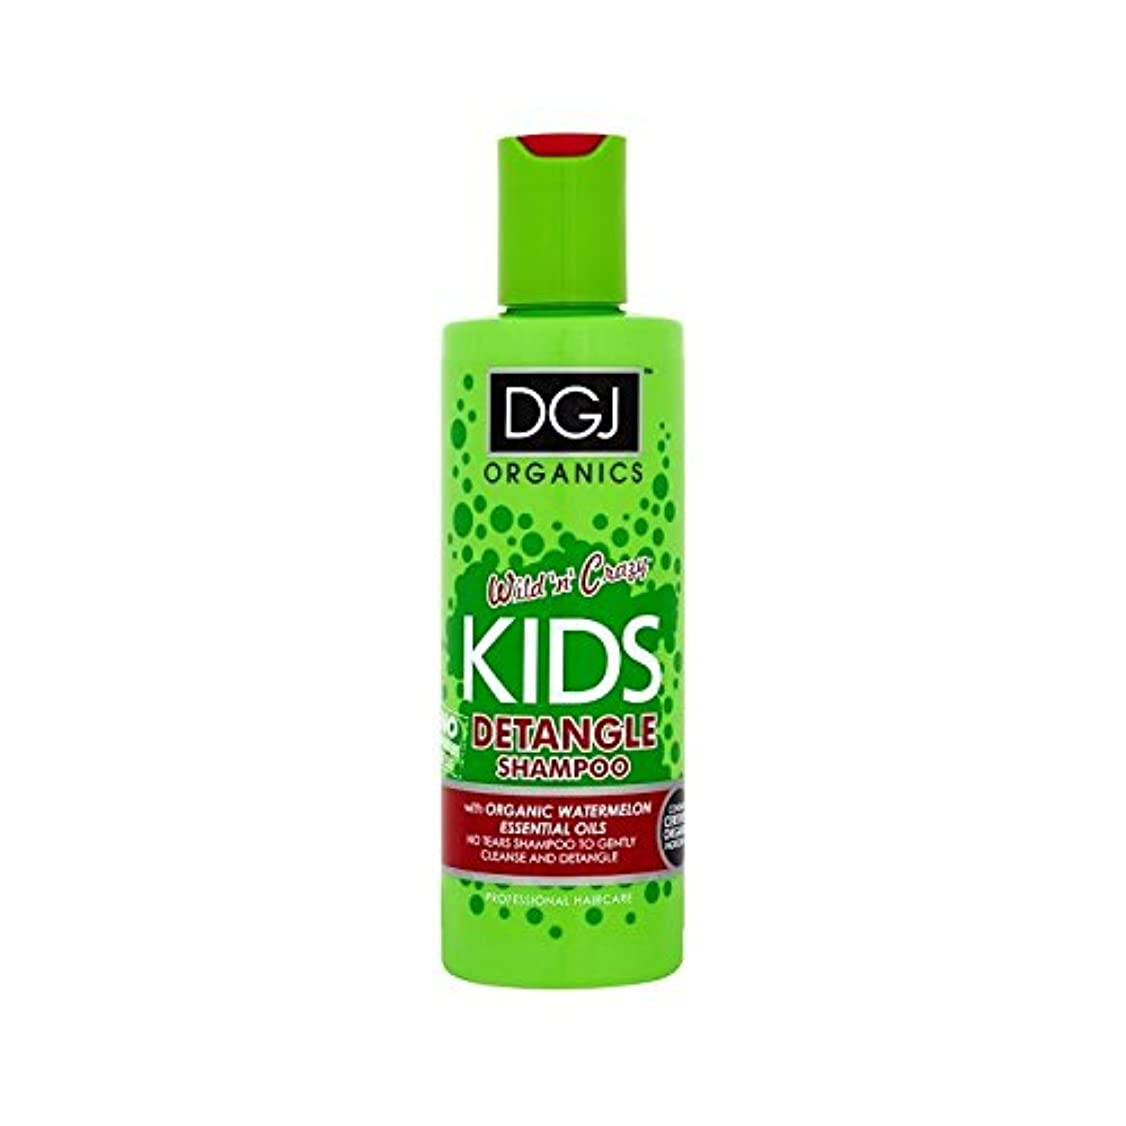 道徳教育二週間器用Dgj子供たちはシャンプー250ミリリットルをもつれ解除スイカ (DGJ Organics) (x 4) - DGJ Kids Watermelon Detangling Shampoo 250ml (Pack of 4) [並行輸入品]